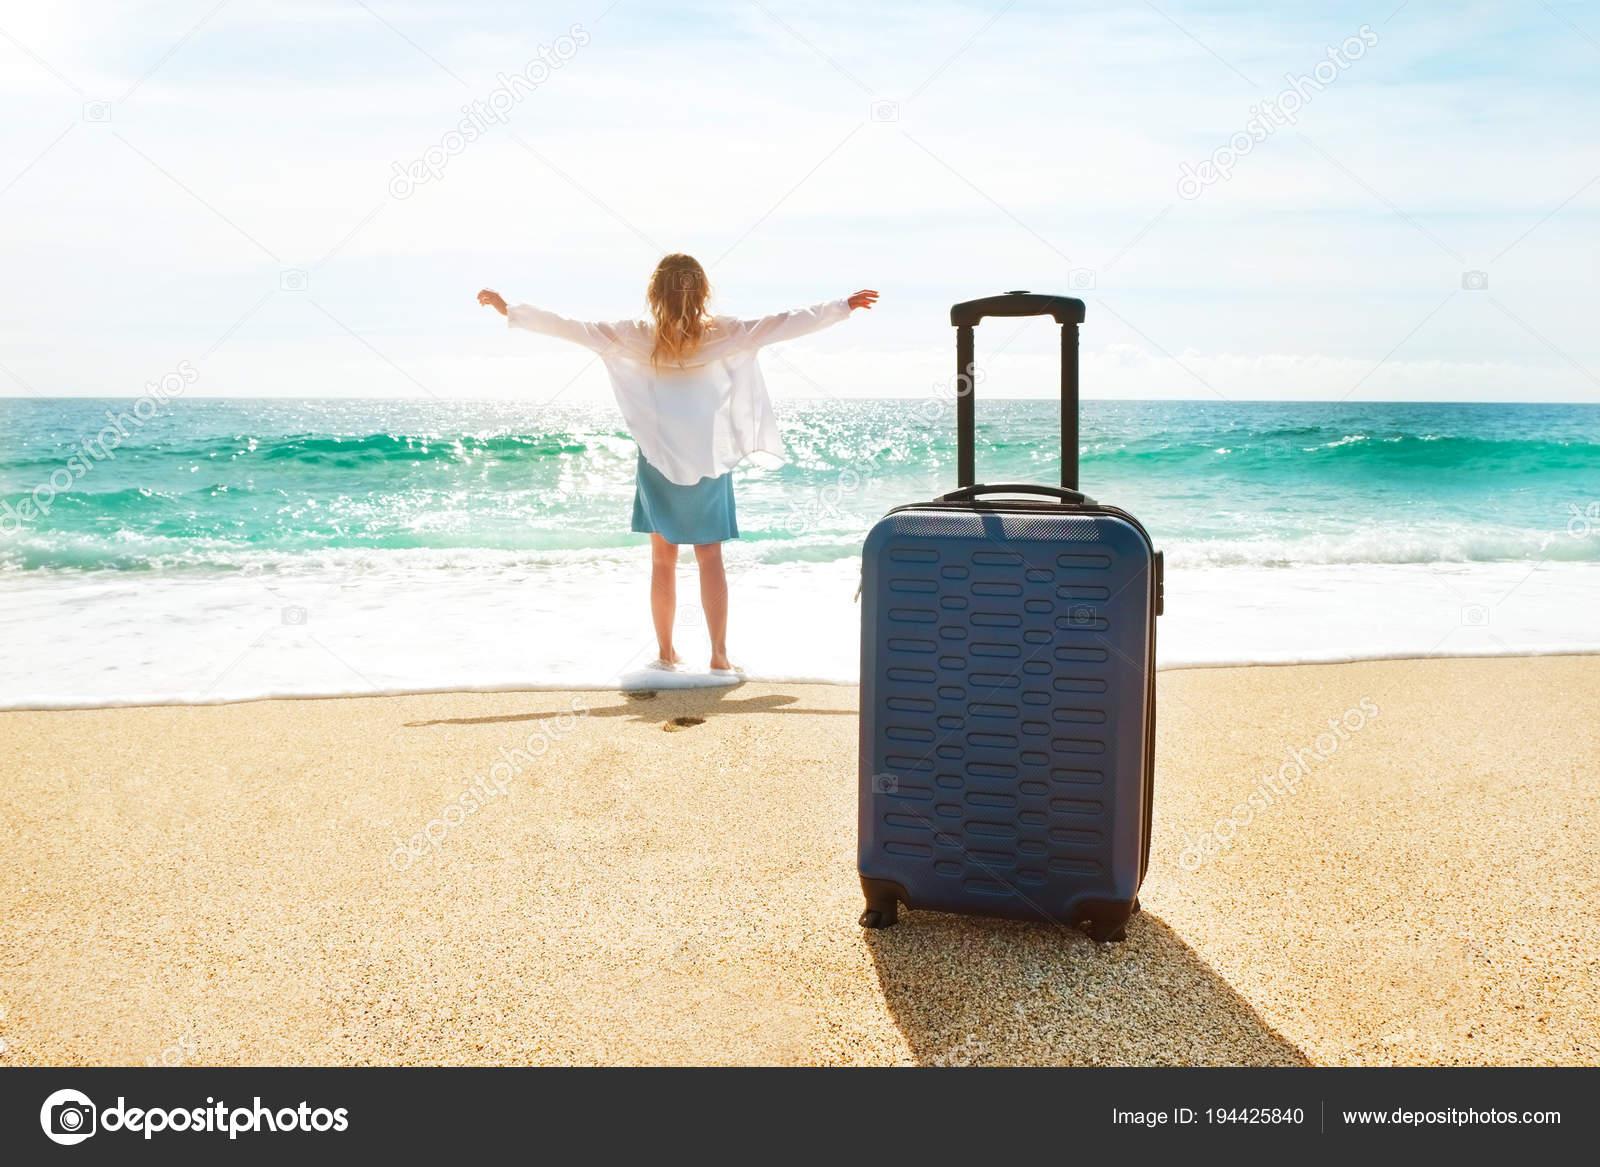 d6b0ad6988f7 Giovane donna con il suo bagaglio valigia sulla bellissima spiaggia di  sabbia con vista sul mare in giornata di sole. Donna di hipster in camicia  di cotone ...